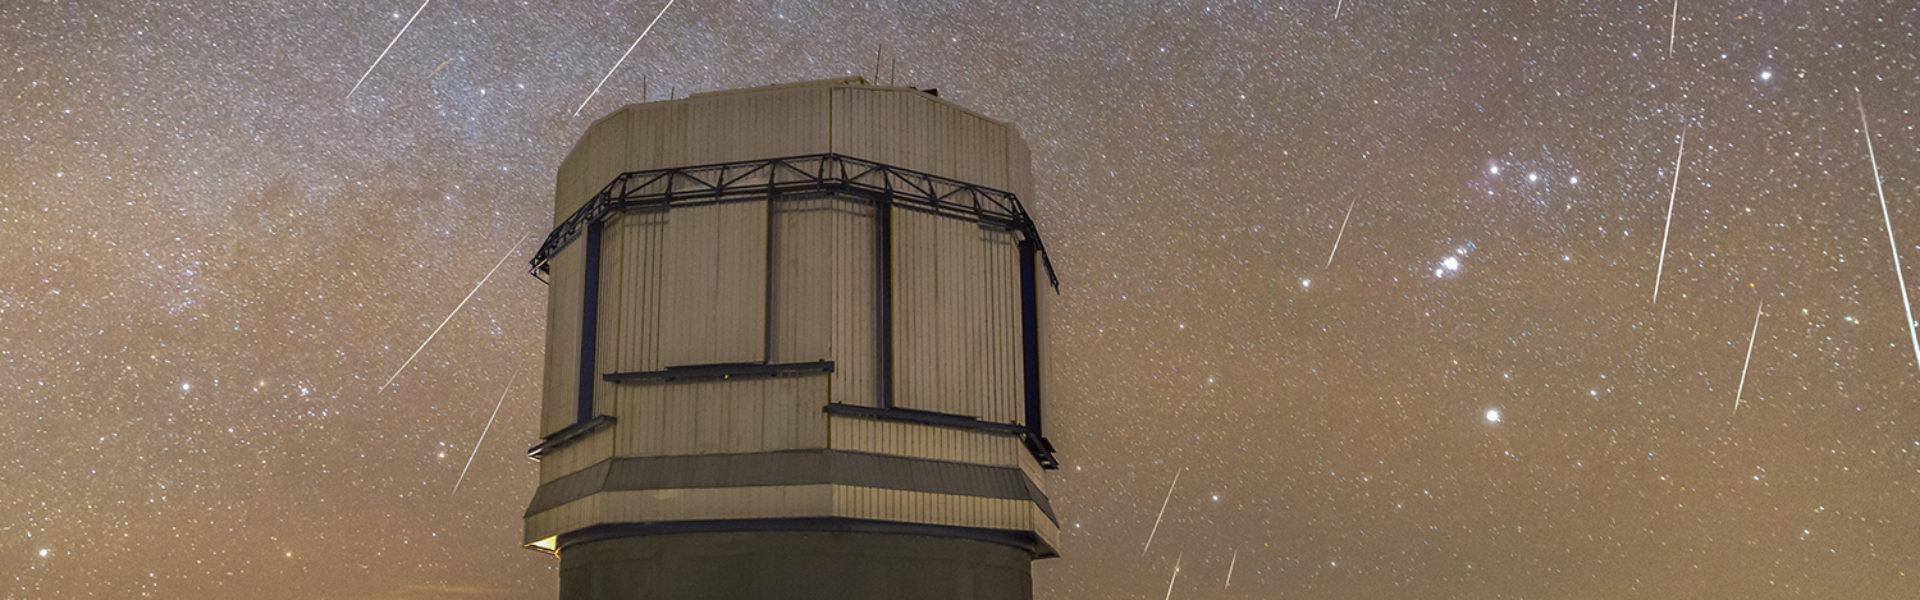 گنبد تلسکوپ